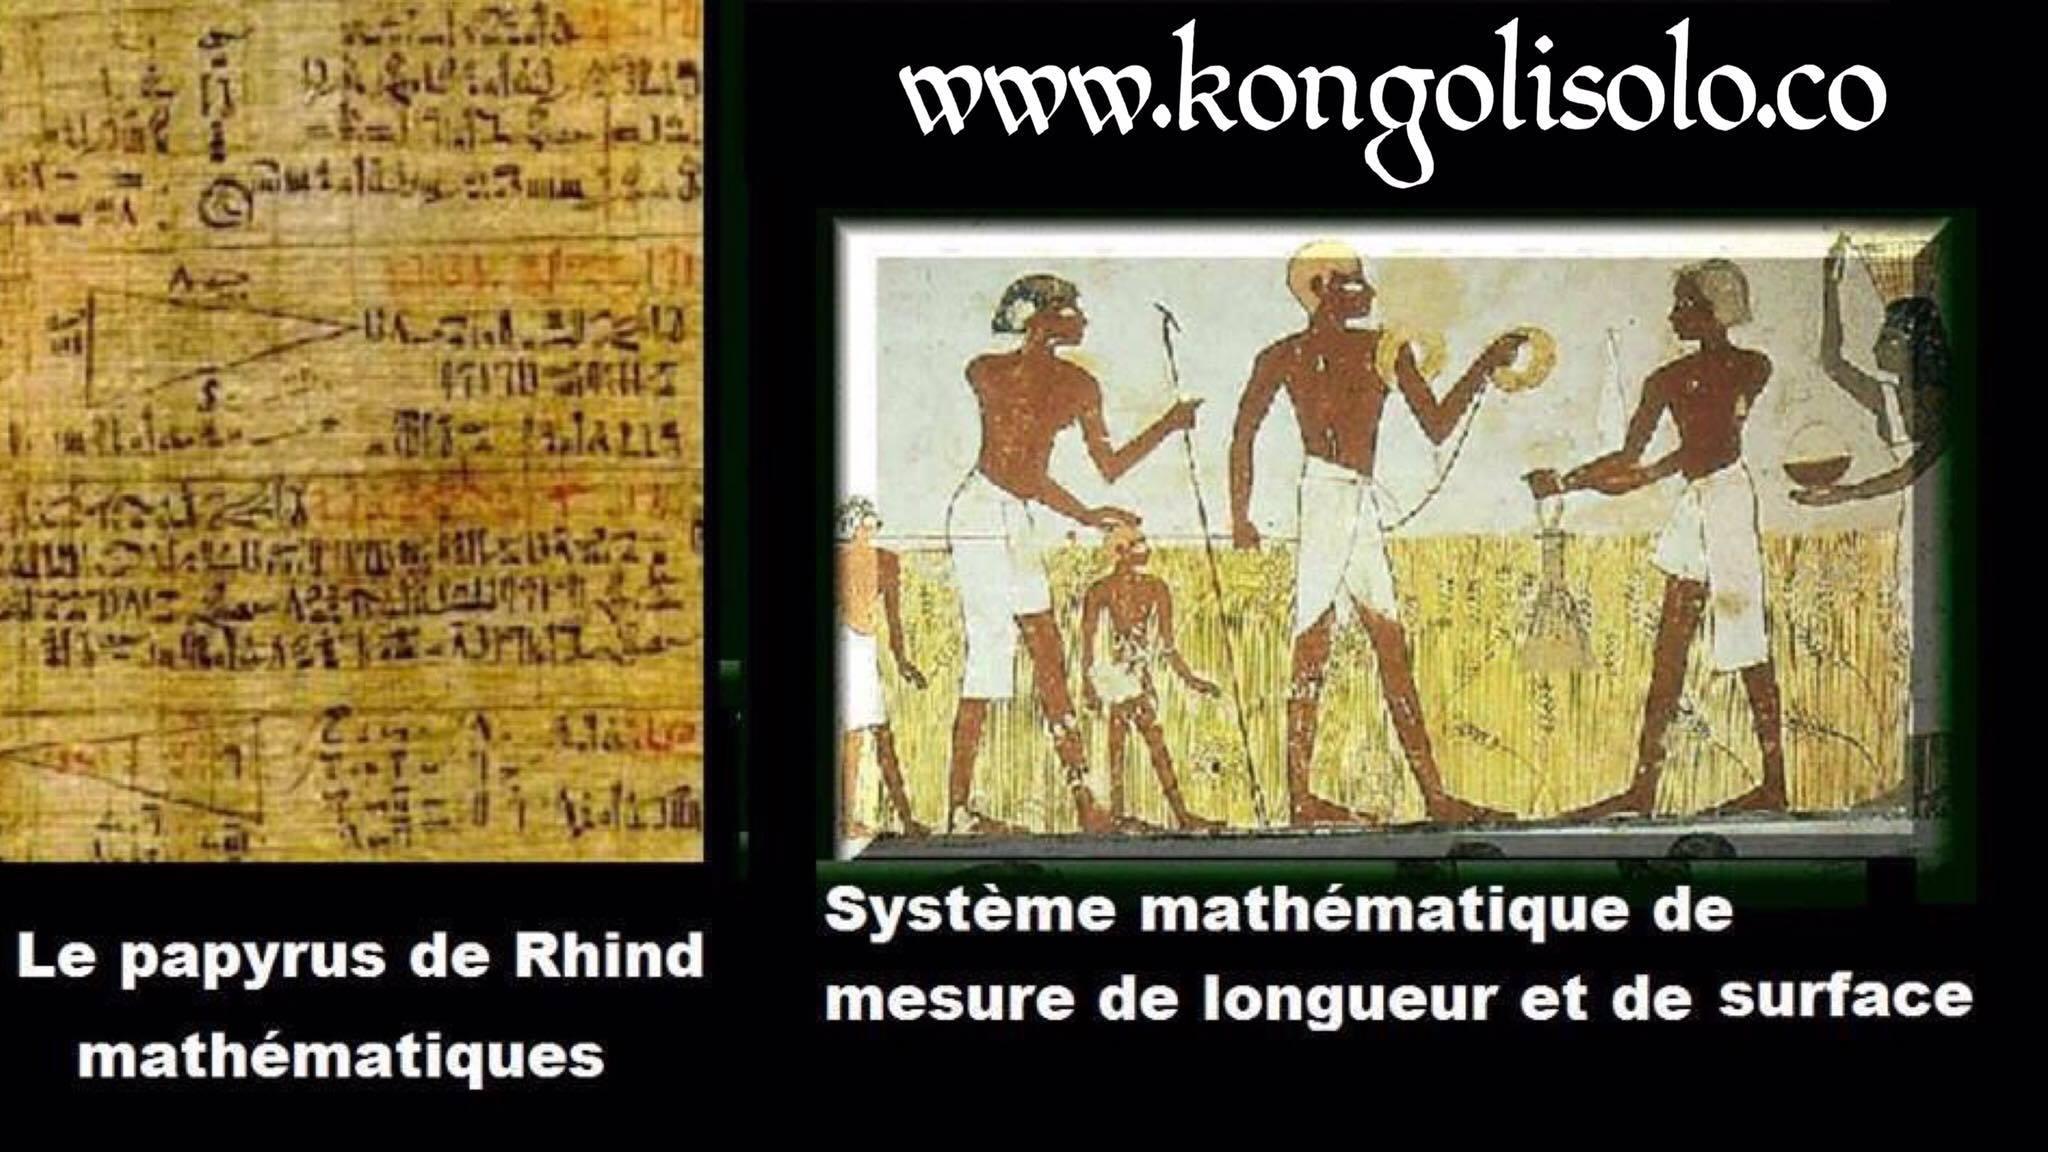 Hanti la soo xaday: Afrikaanka ayaa bixiya xisaabta adduunka, aljabrada, joomatari iyo trigonometry ... Afrikaan waxay abuurtay xisaab